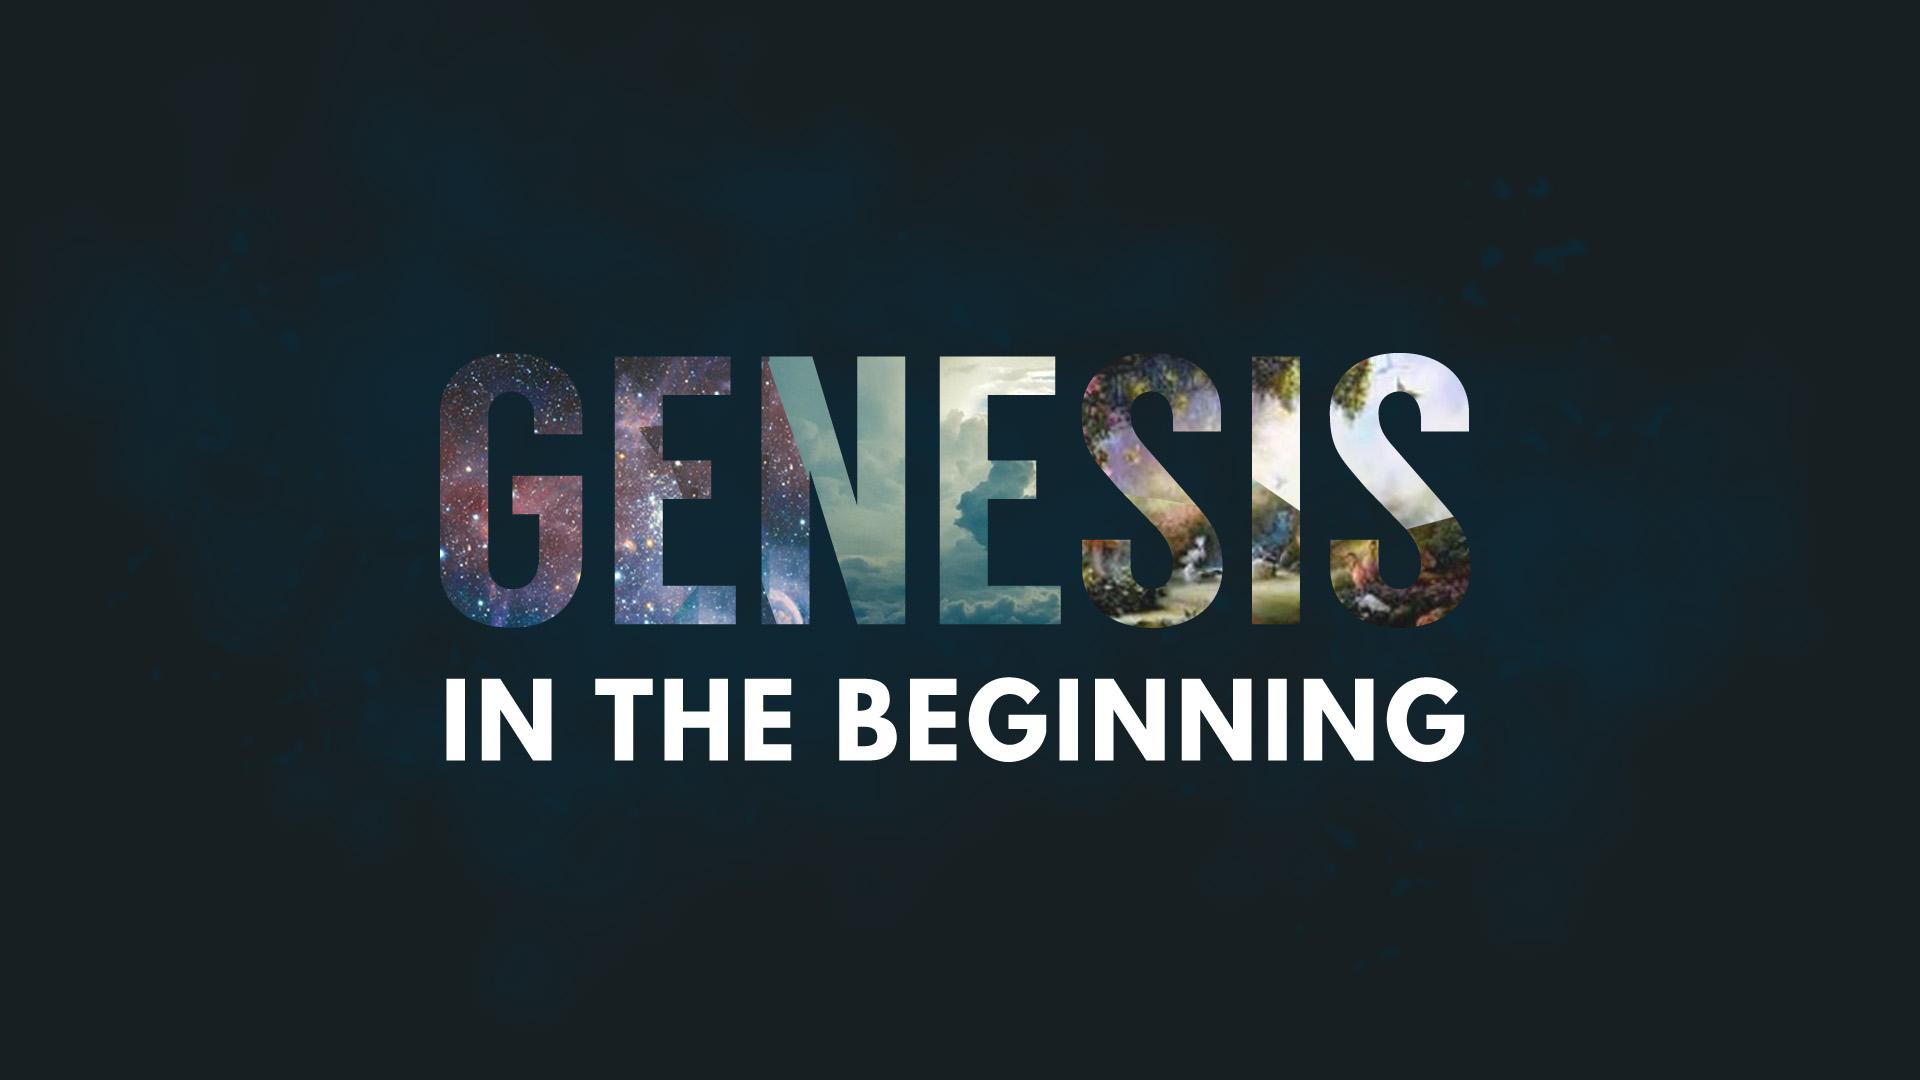 genesis-in-the-beginning-slide.jpg